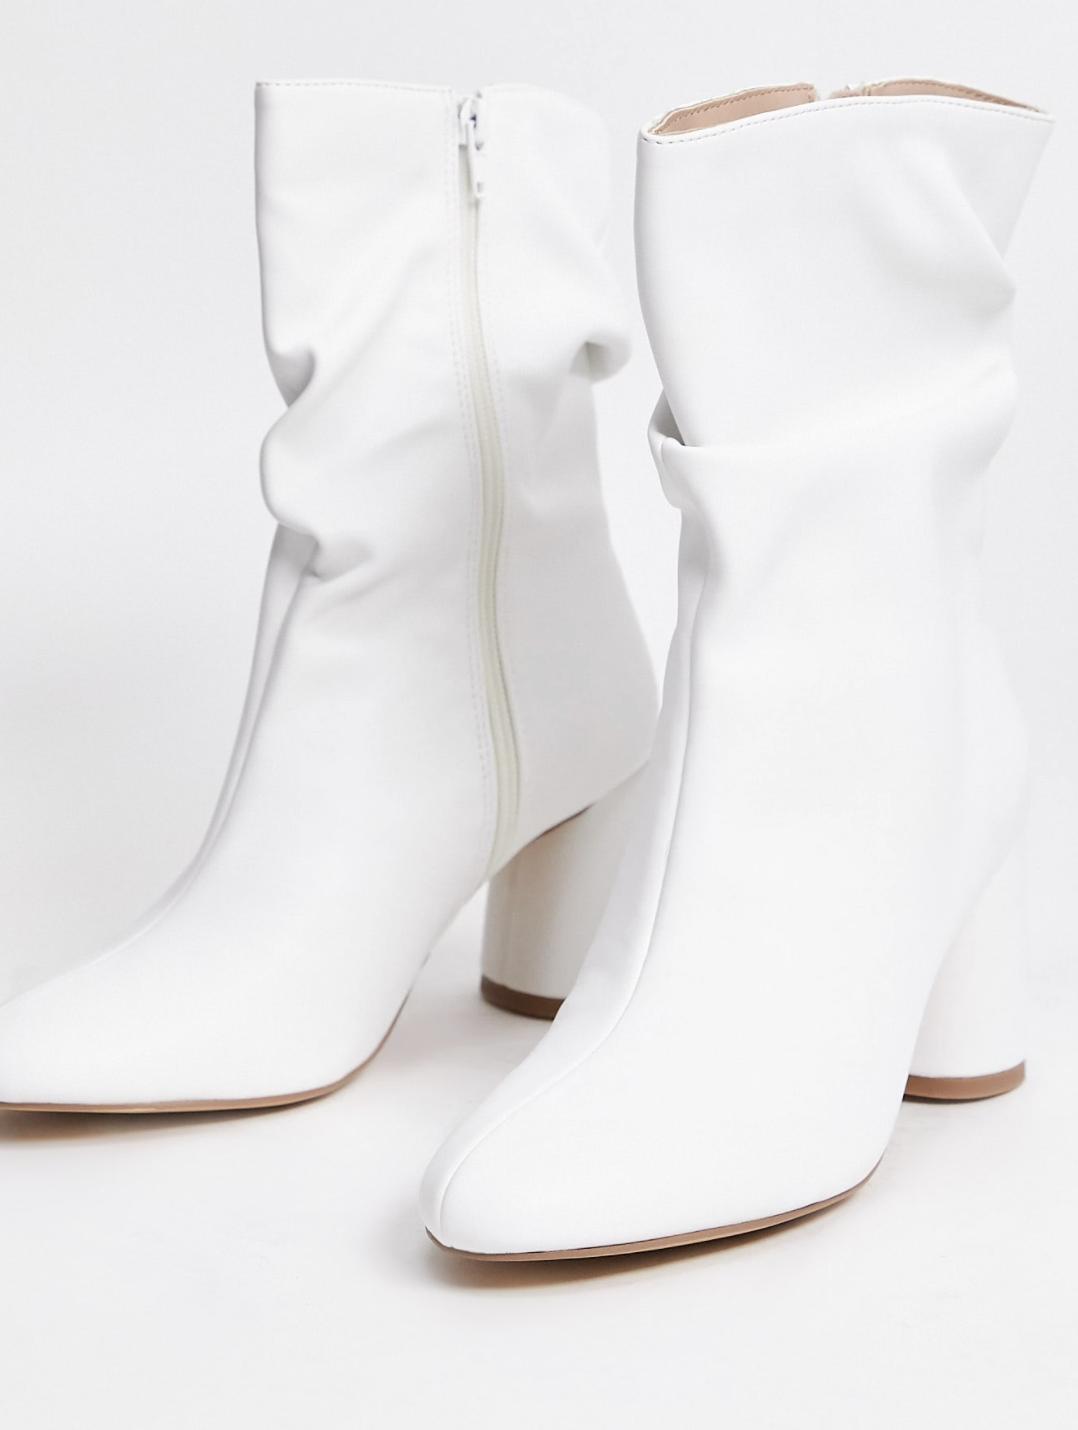 Botas holgadas en color blanco Marshmallow de Public Desire